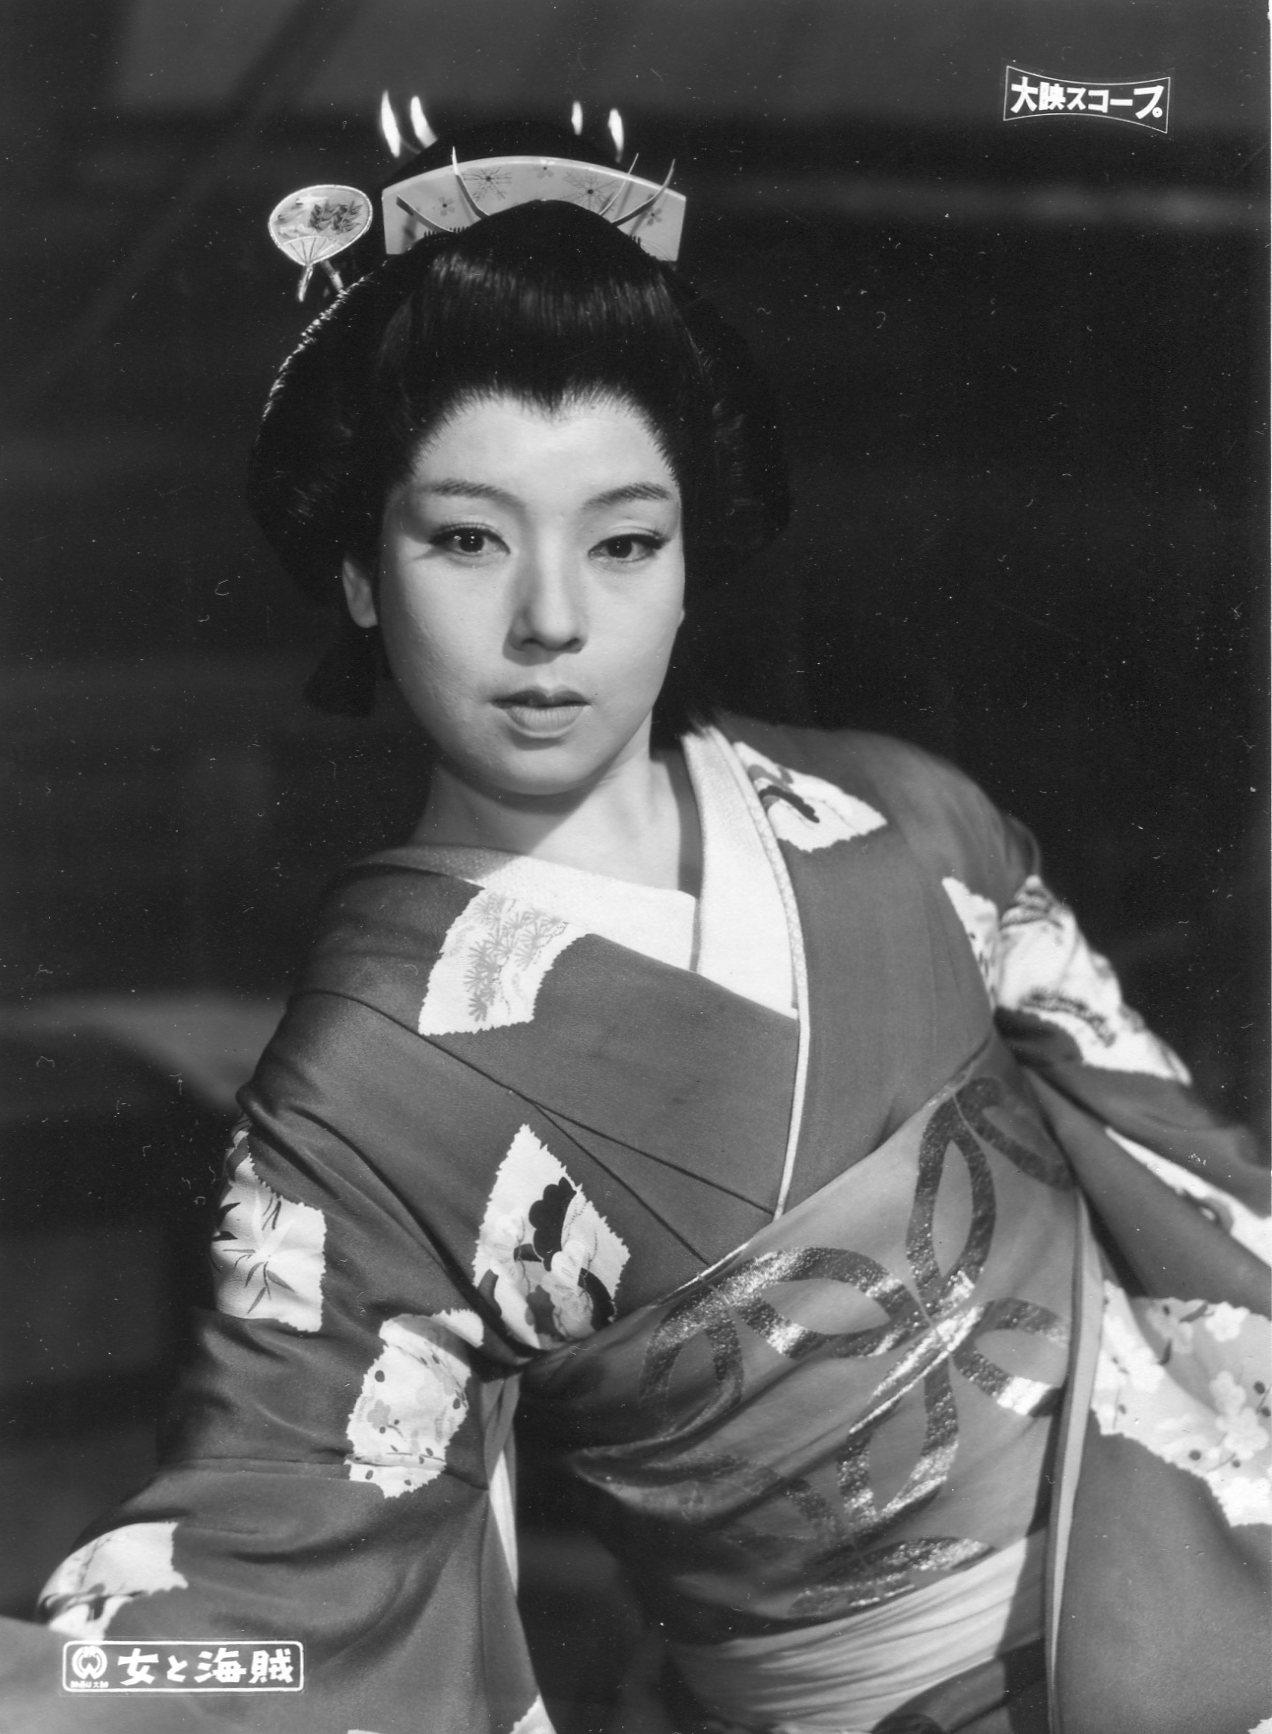 Kyō in 1959